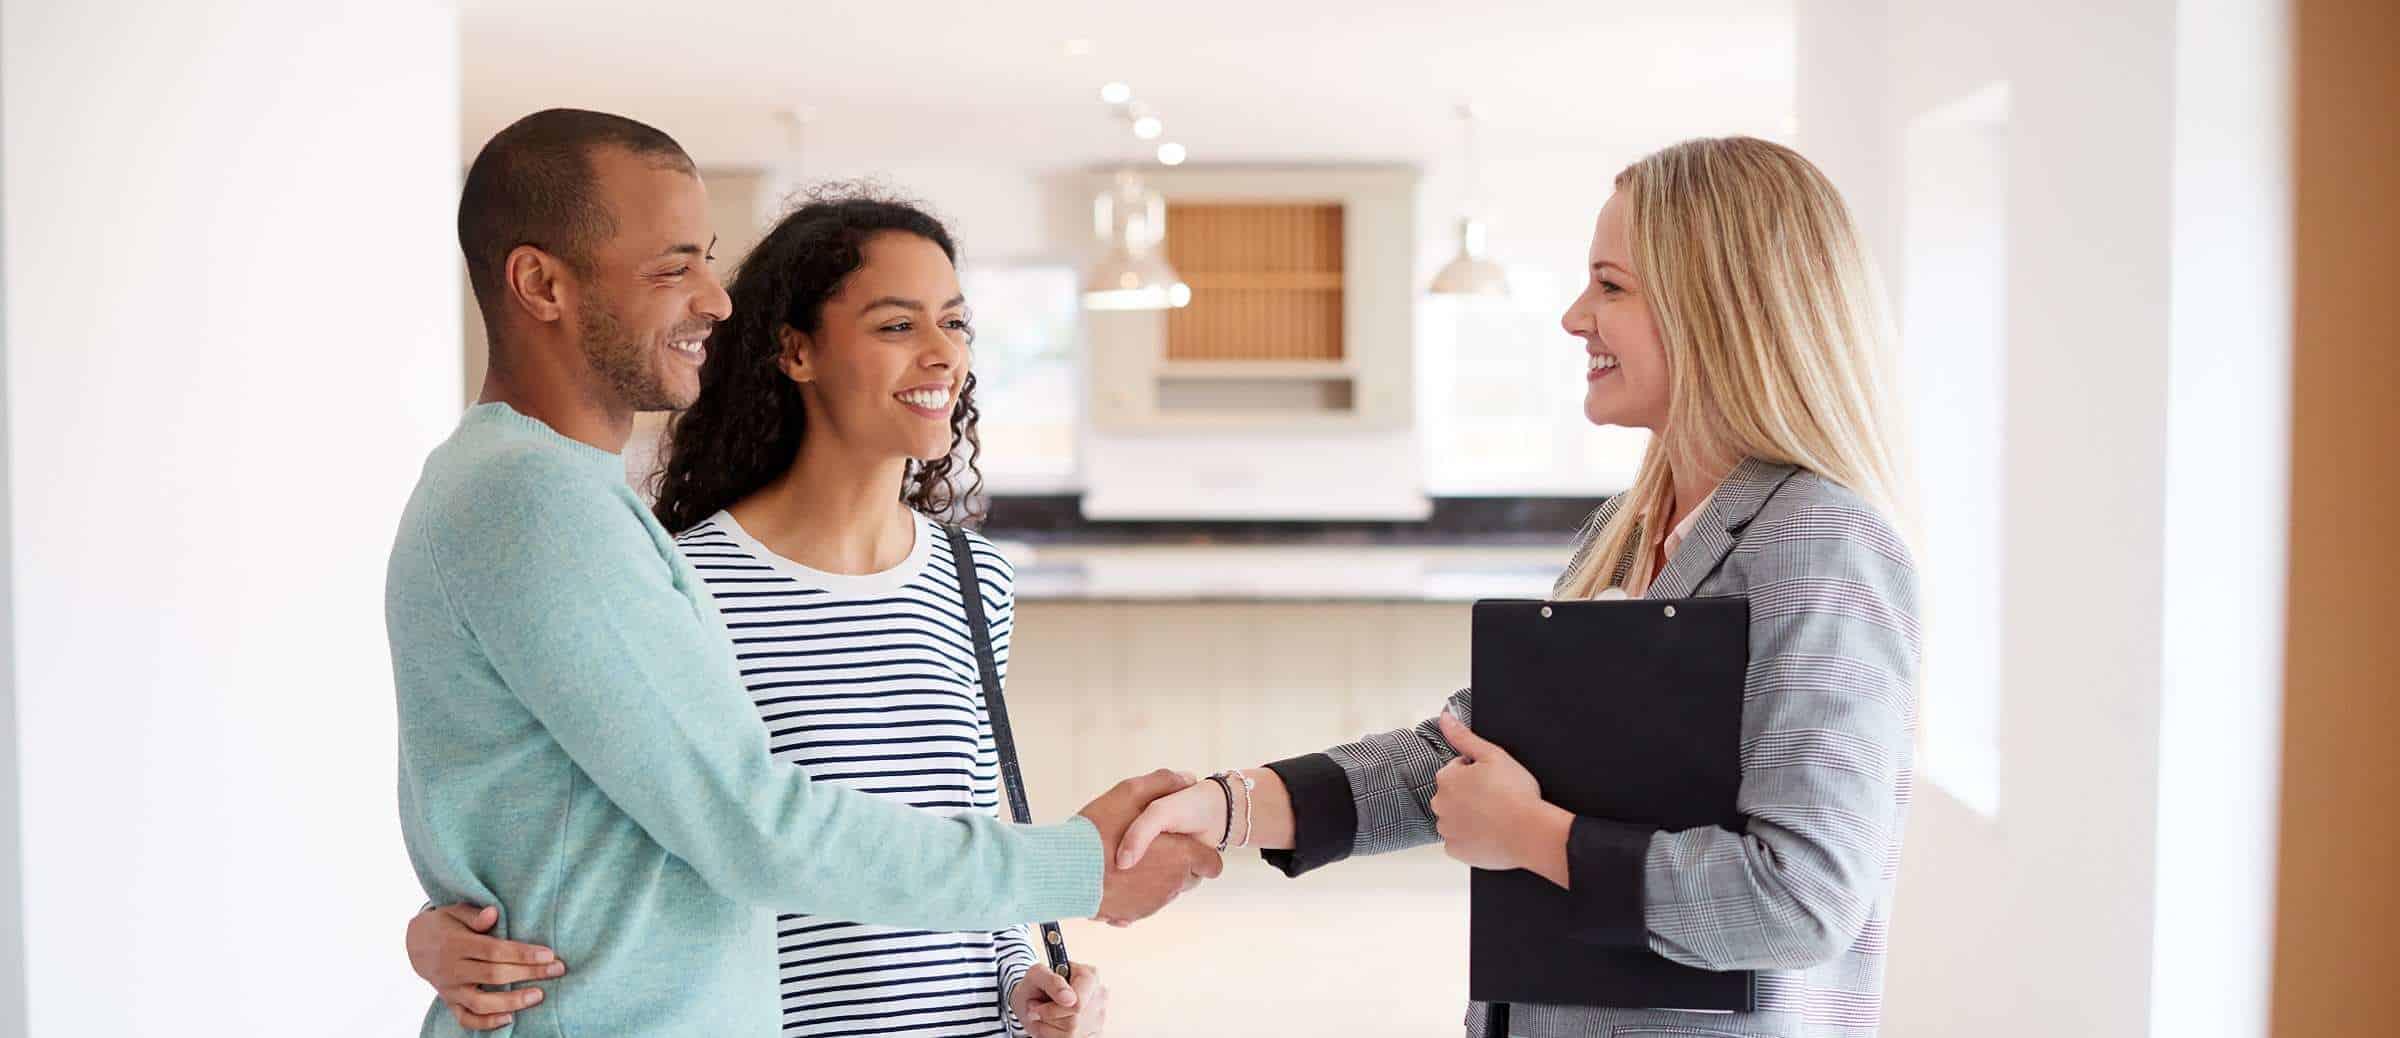 Comprar imóvel ou alugar? Qual é a melhor opção?